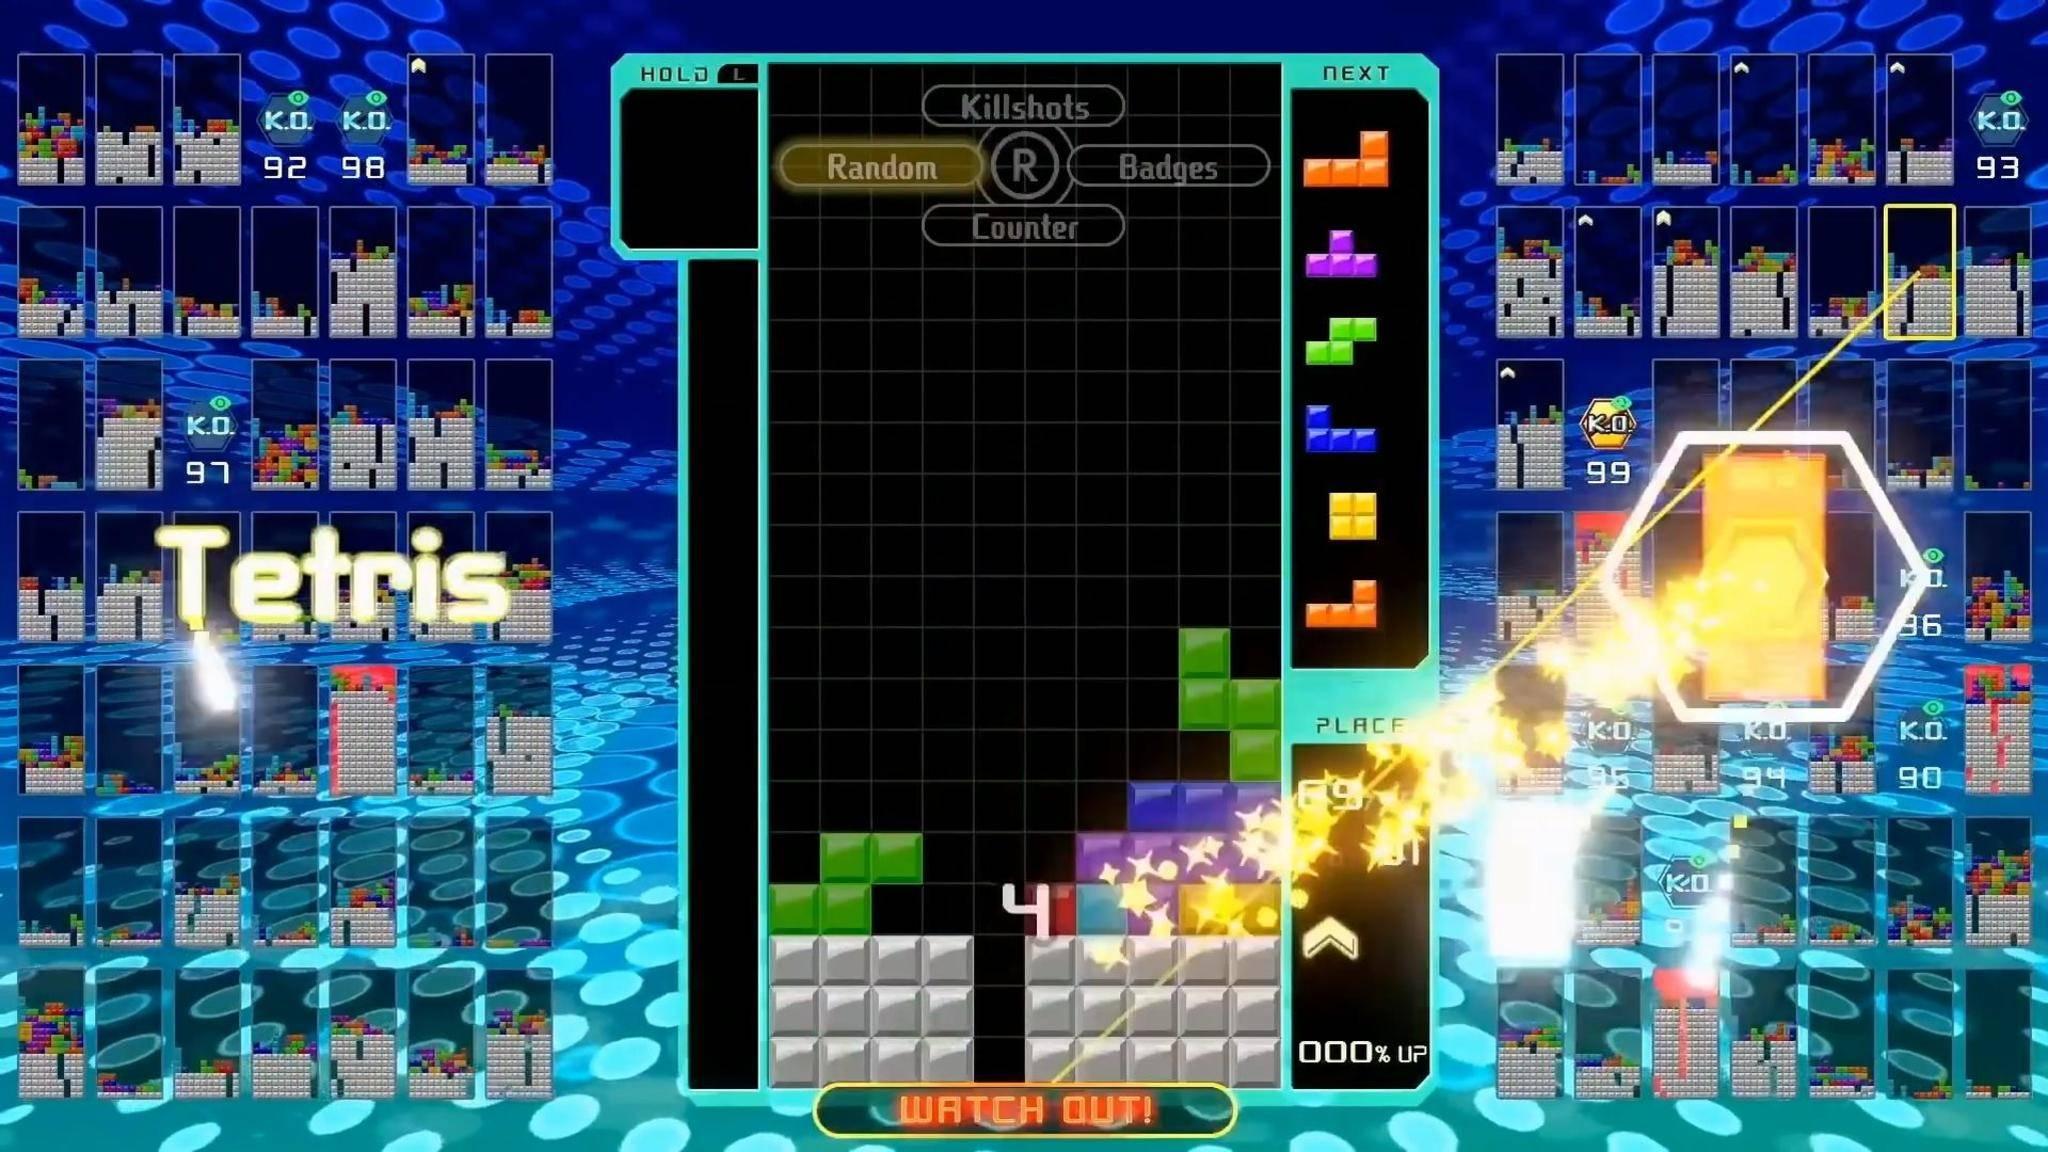 """Wem """"Tetris"""" bislang zu entspannt war, der tritt nun in """"Tetris 99"""" gegen 98 andere Spieler an."""